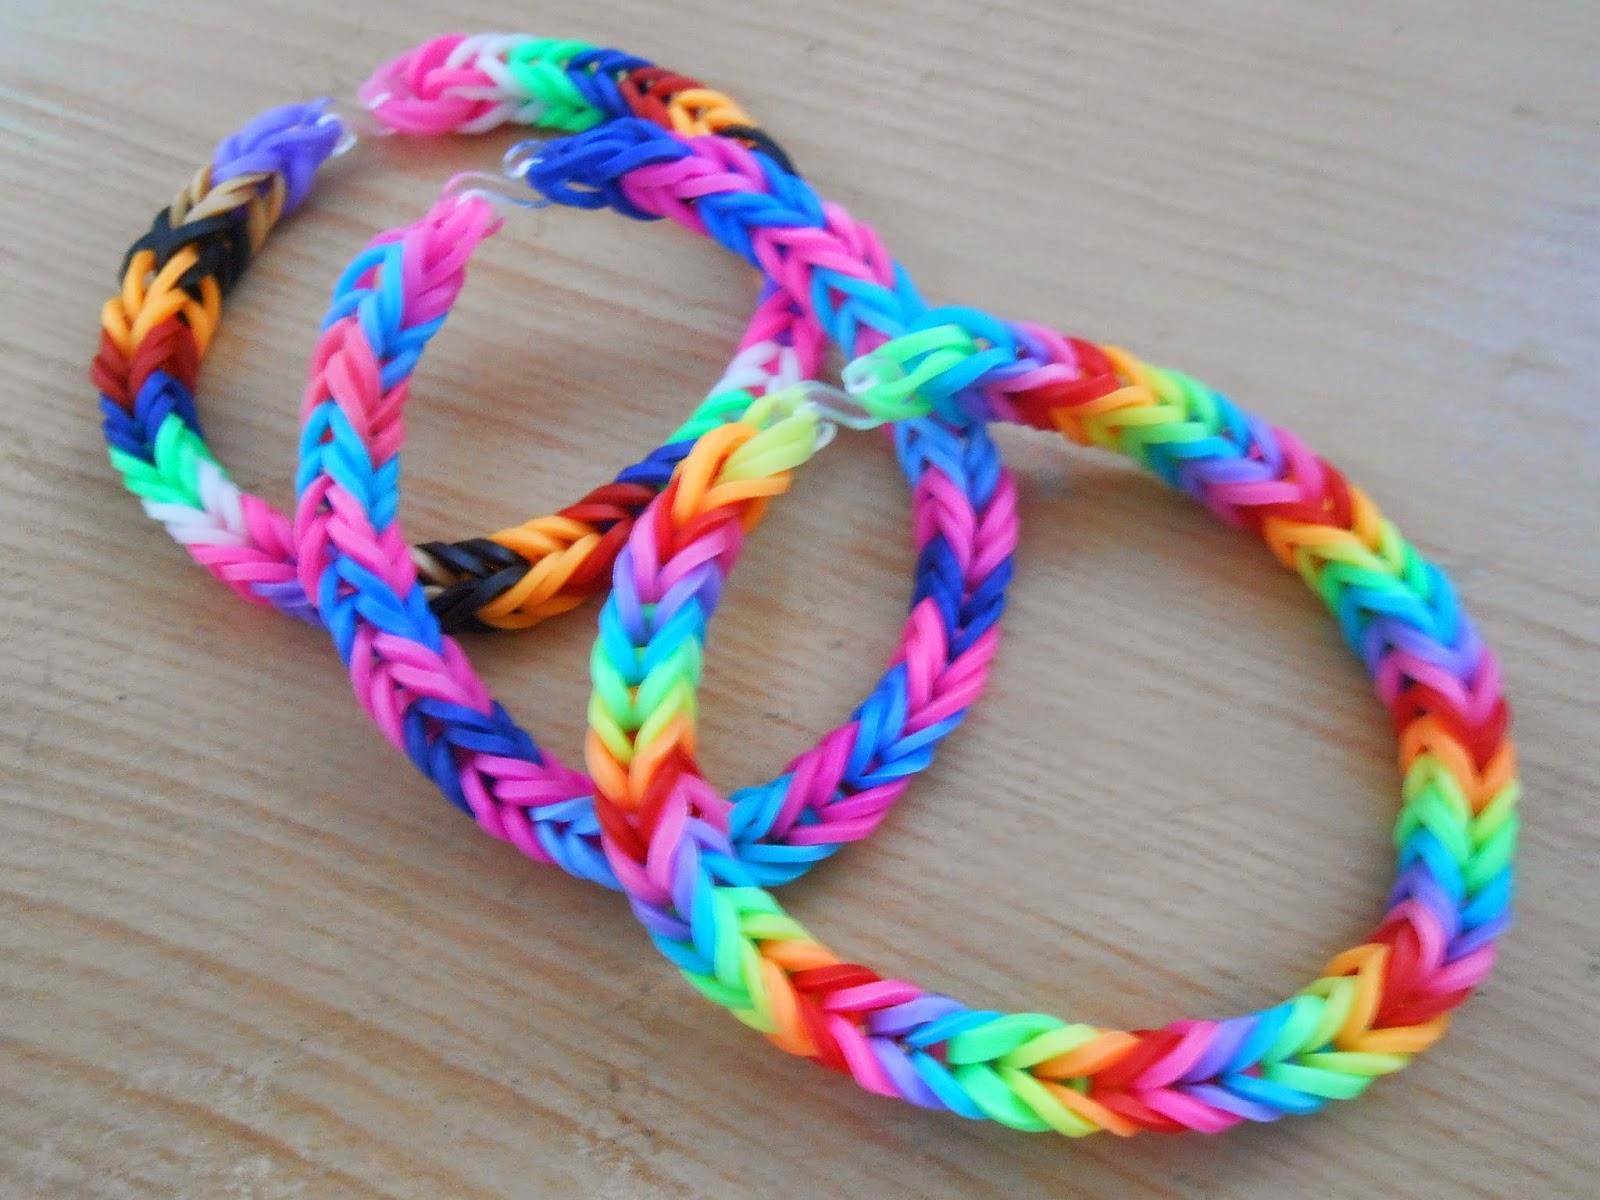 Les loisirs de patouch bracelets en lastiques - Comment faire bracelet elastique ...